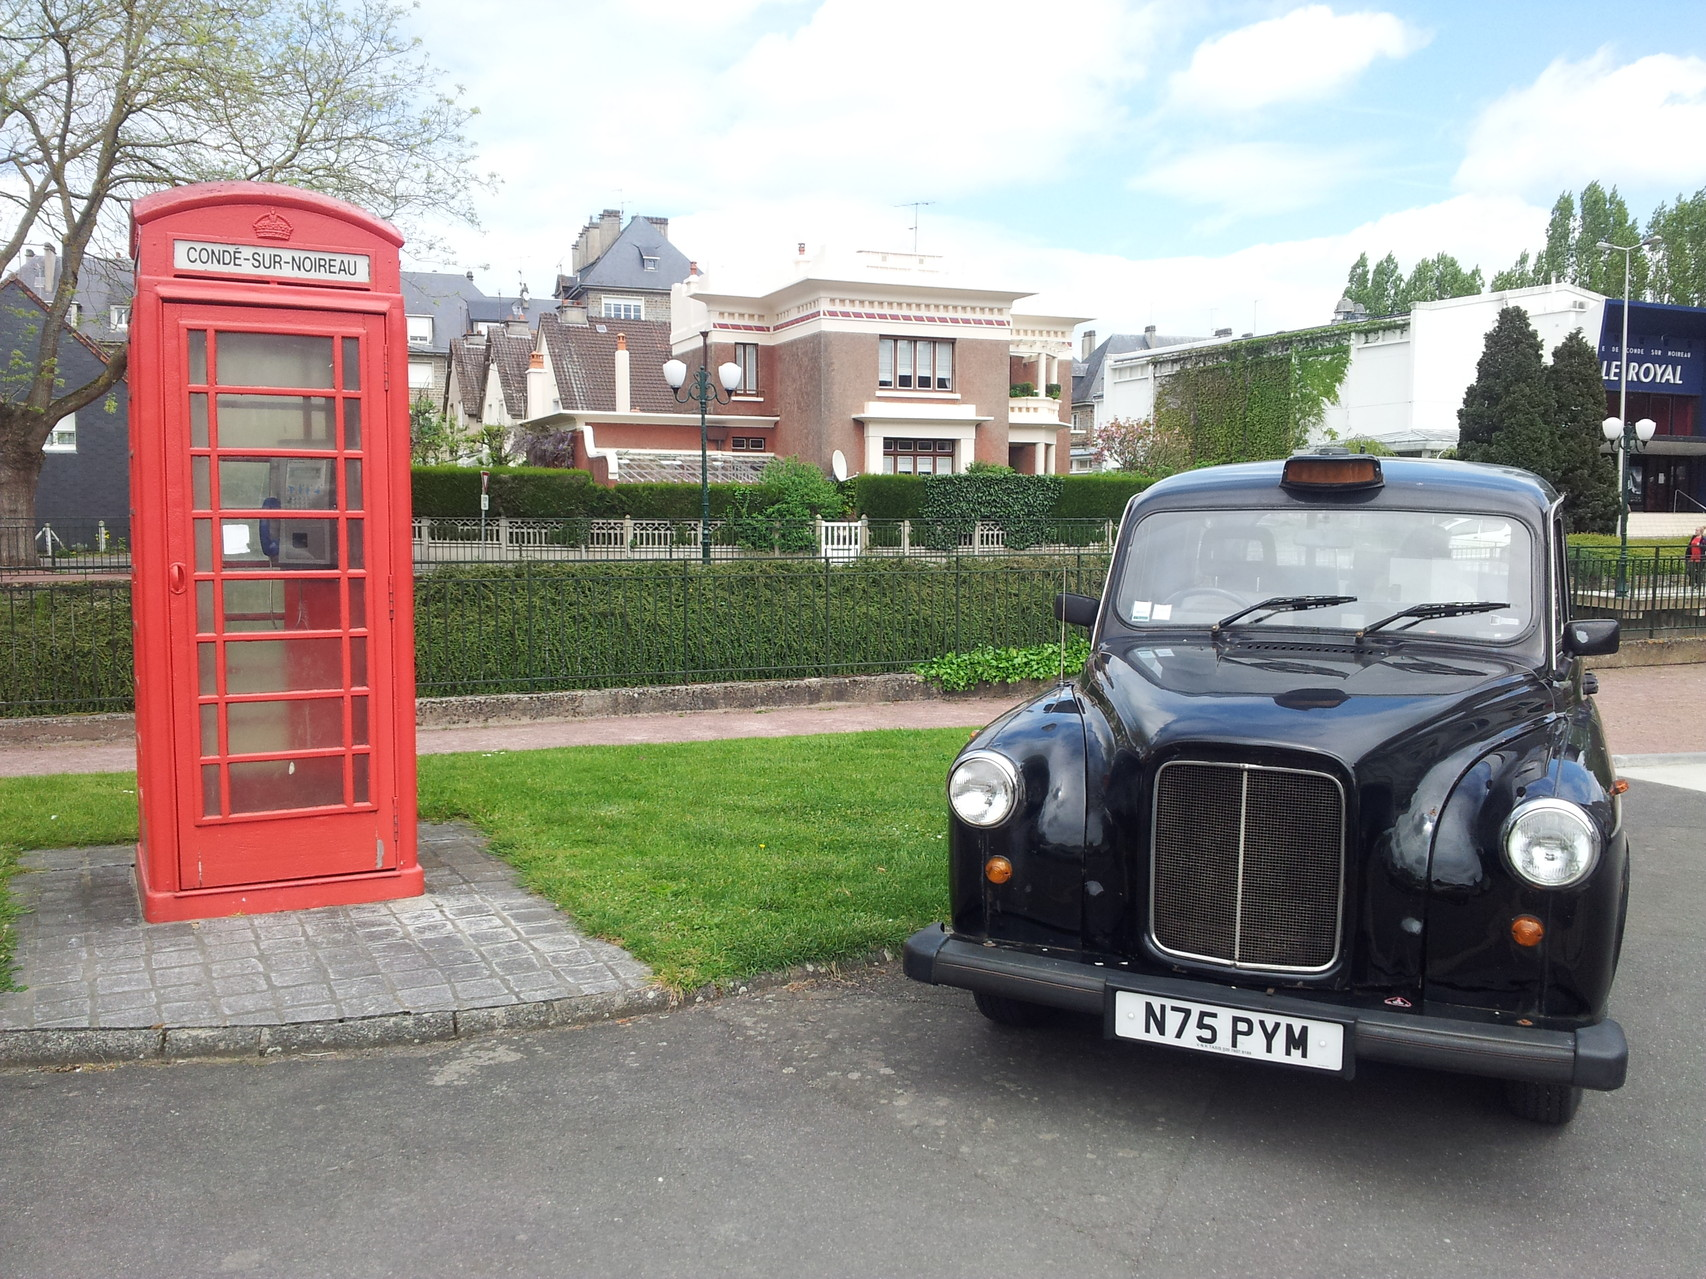 Quoi de mieux qu'un taxi cab pour aller avec une cabine anglaise